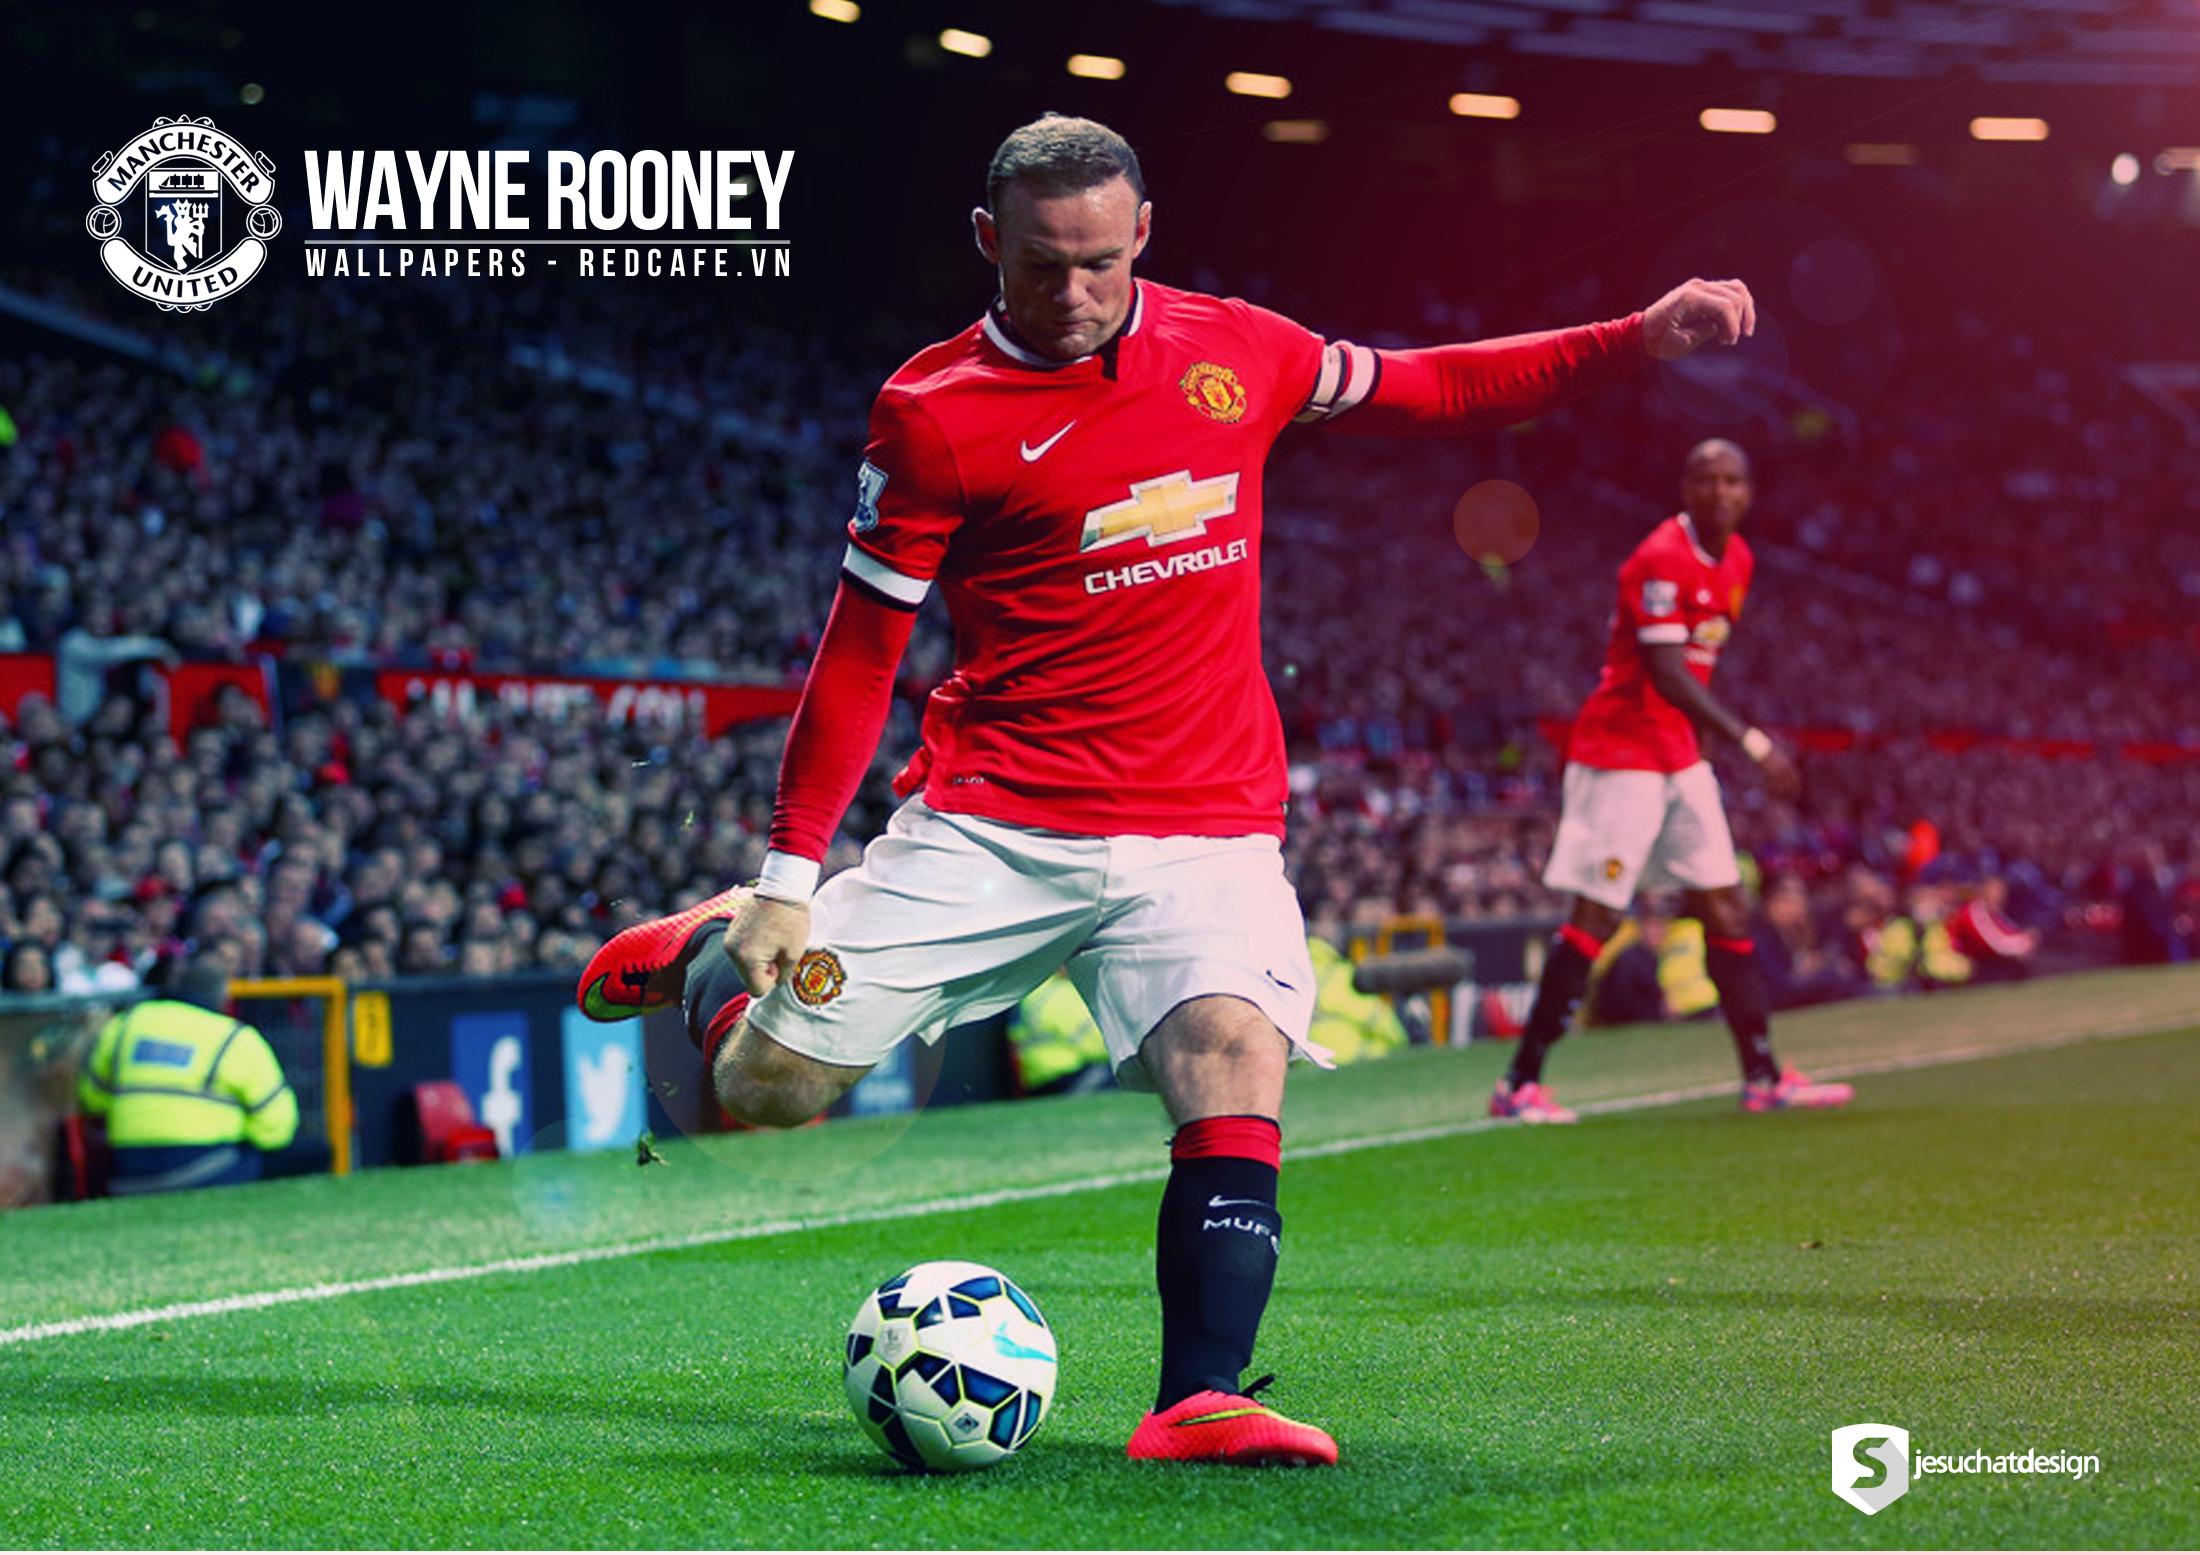 48 ] Wayne Rooney Wallpaper 2015 On WallpaperSafari